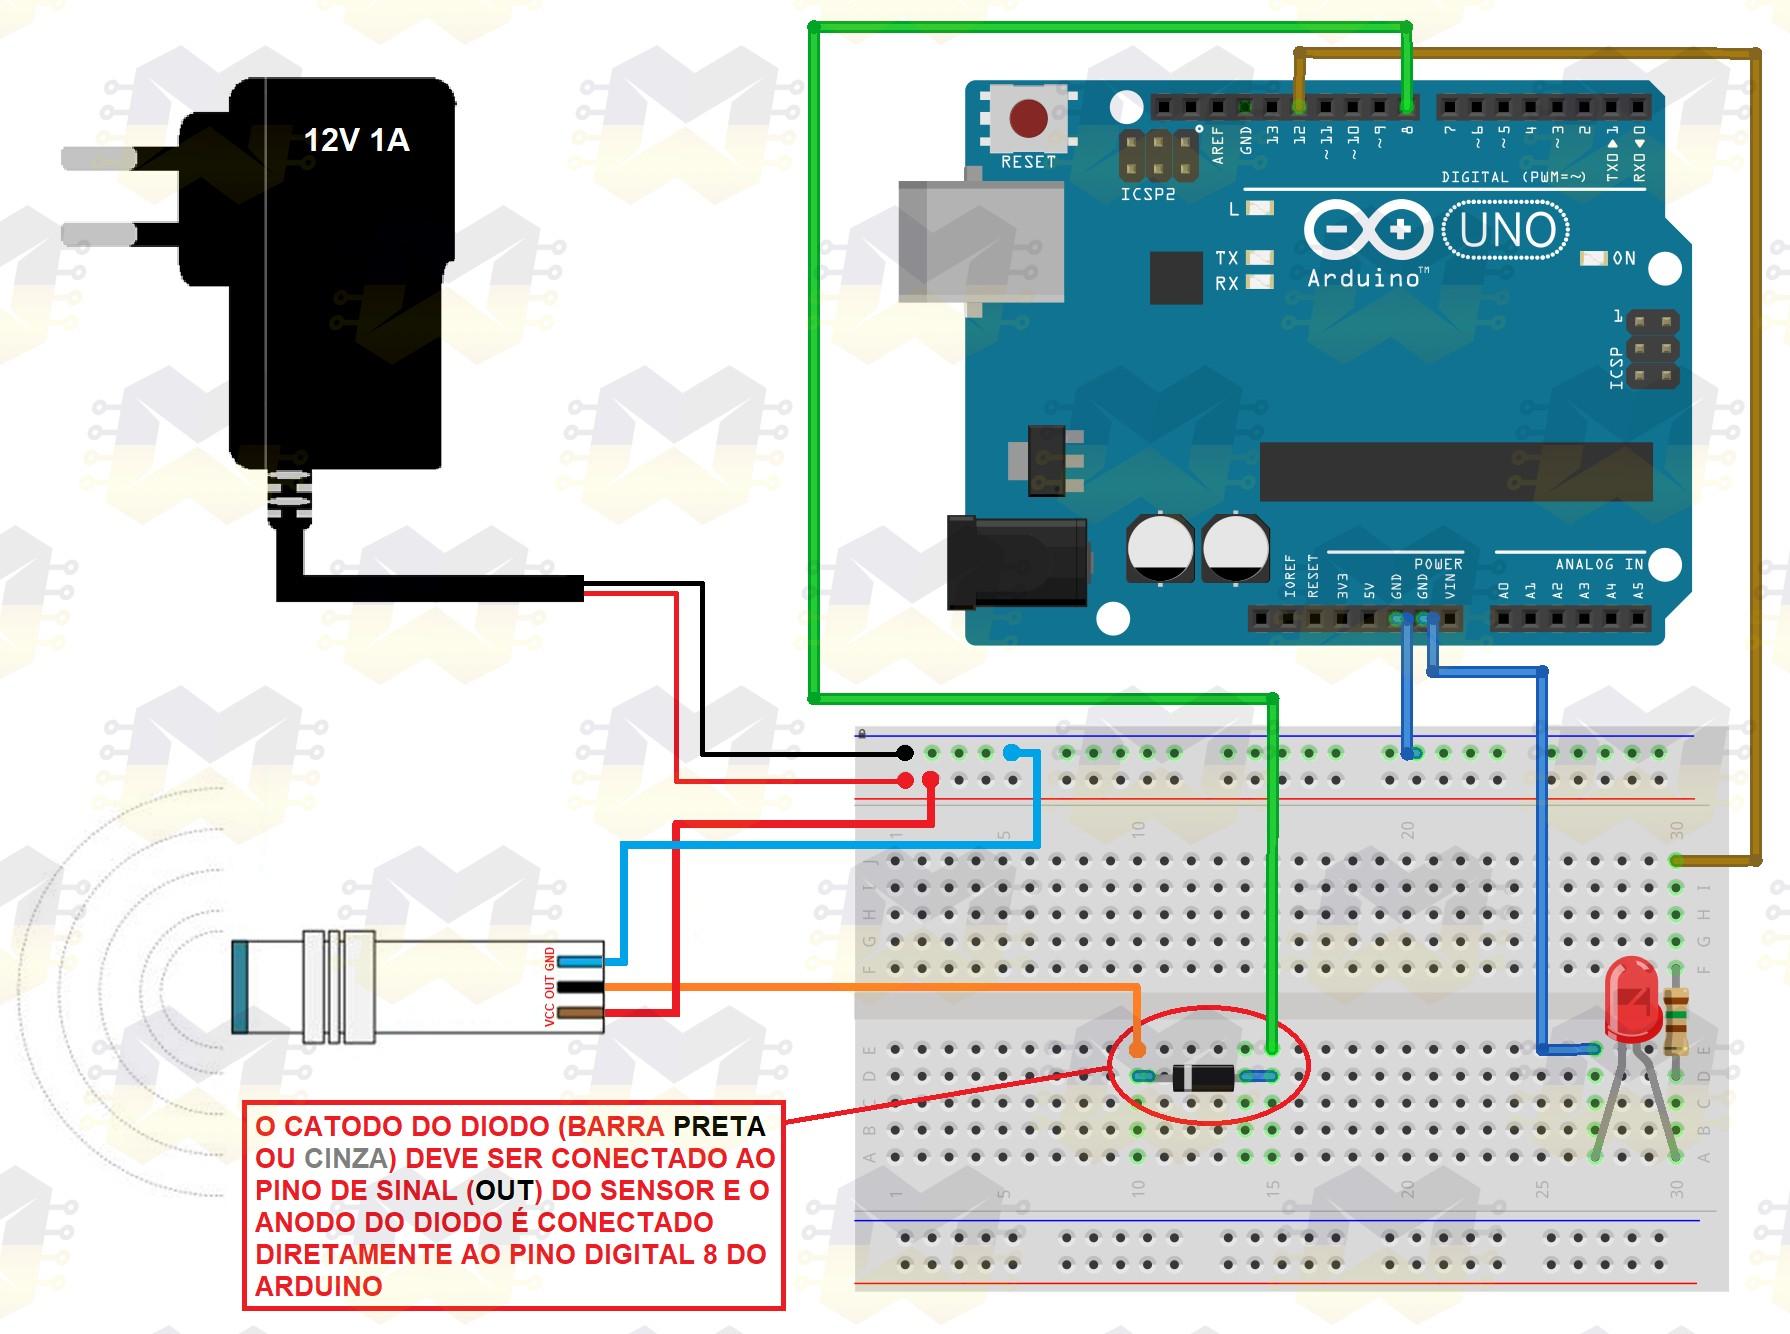 img02_como_usar_com_arduino_sensor_indutivo_npn_de_proximidade_lj12a3-4-z-bx_uno_diodo